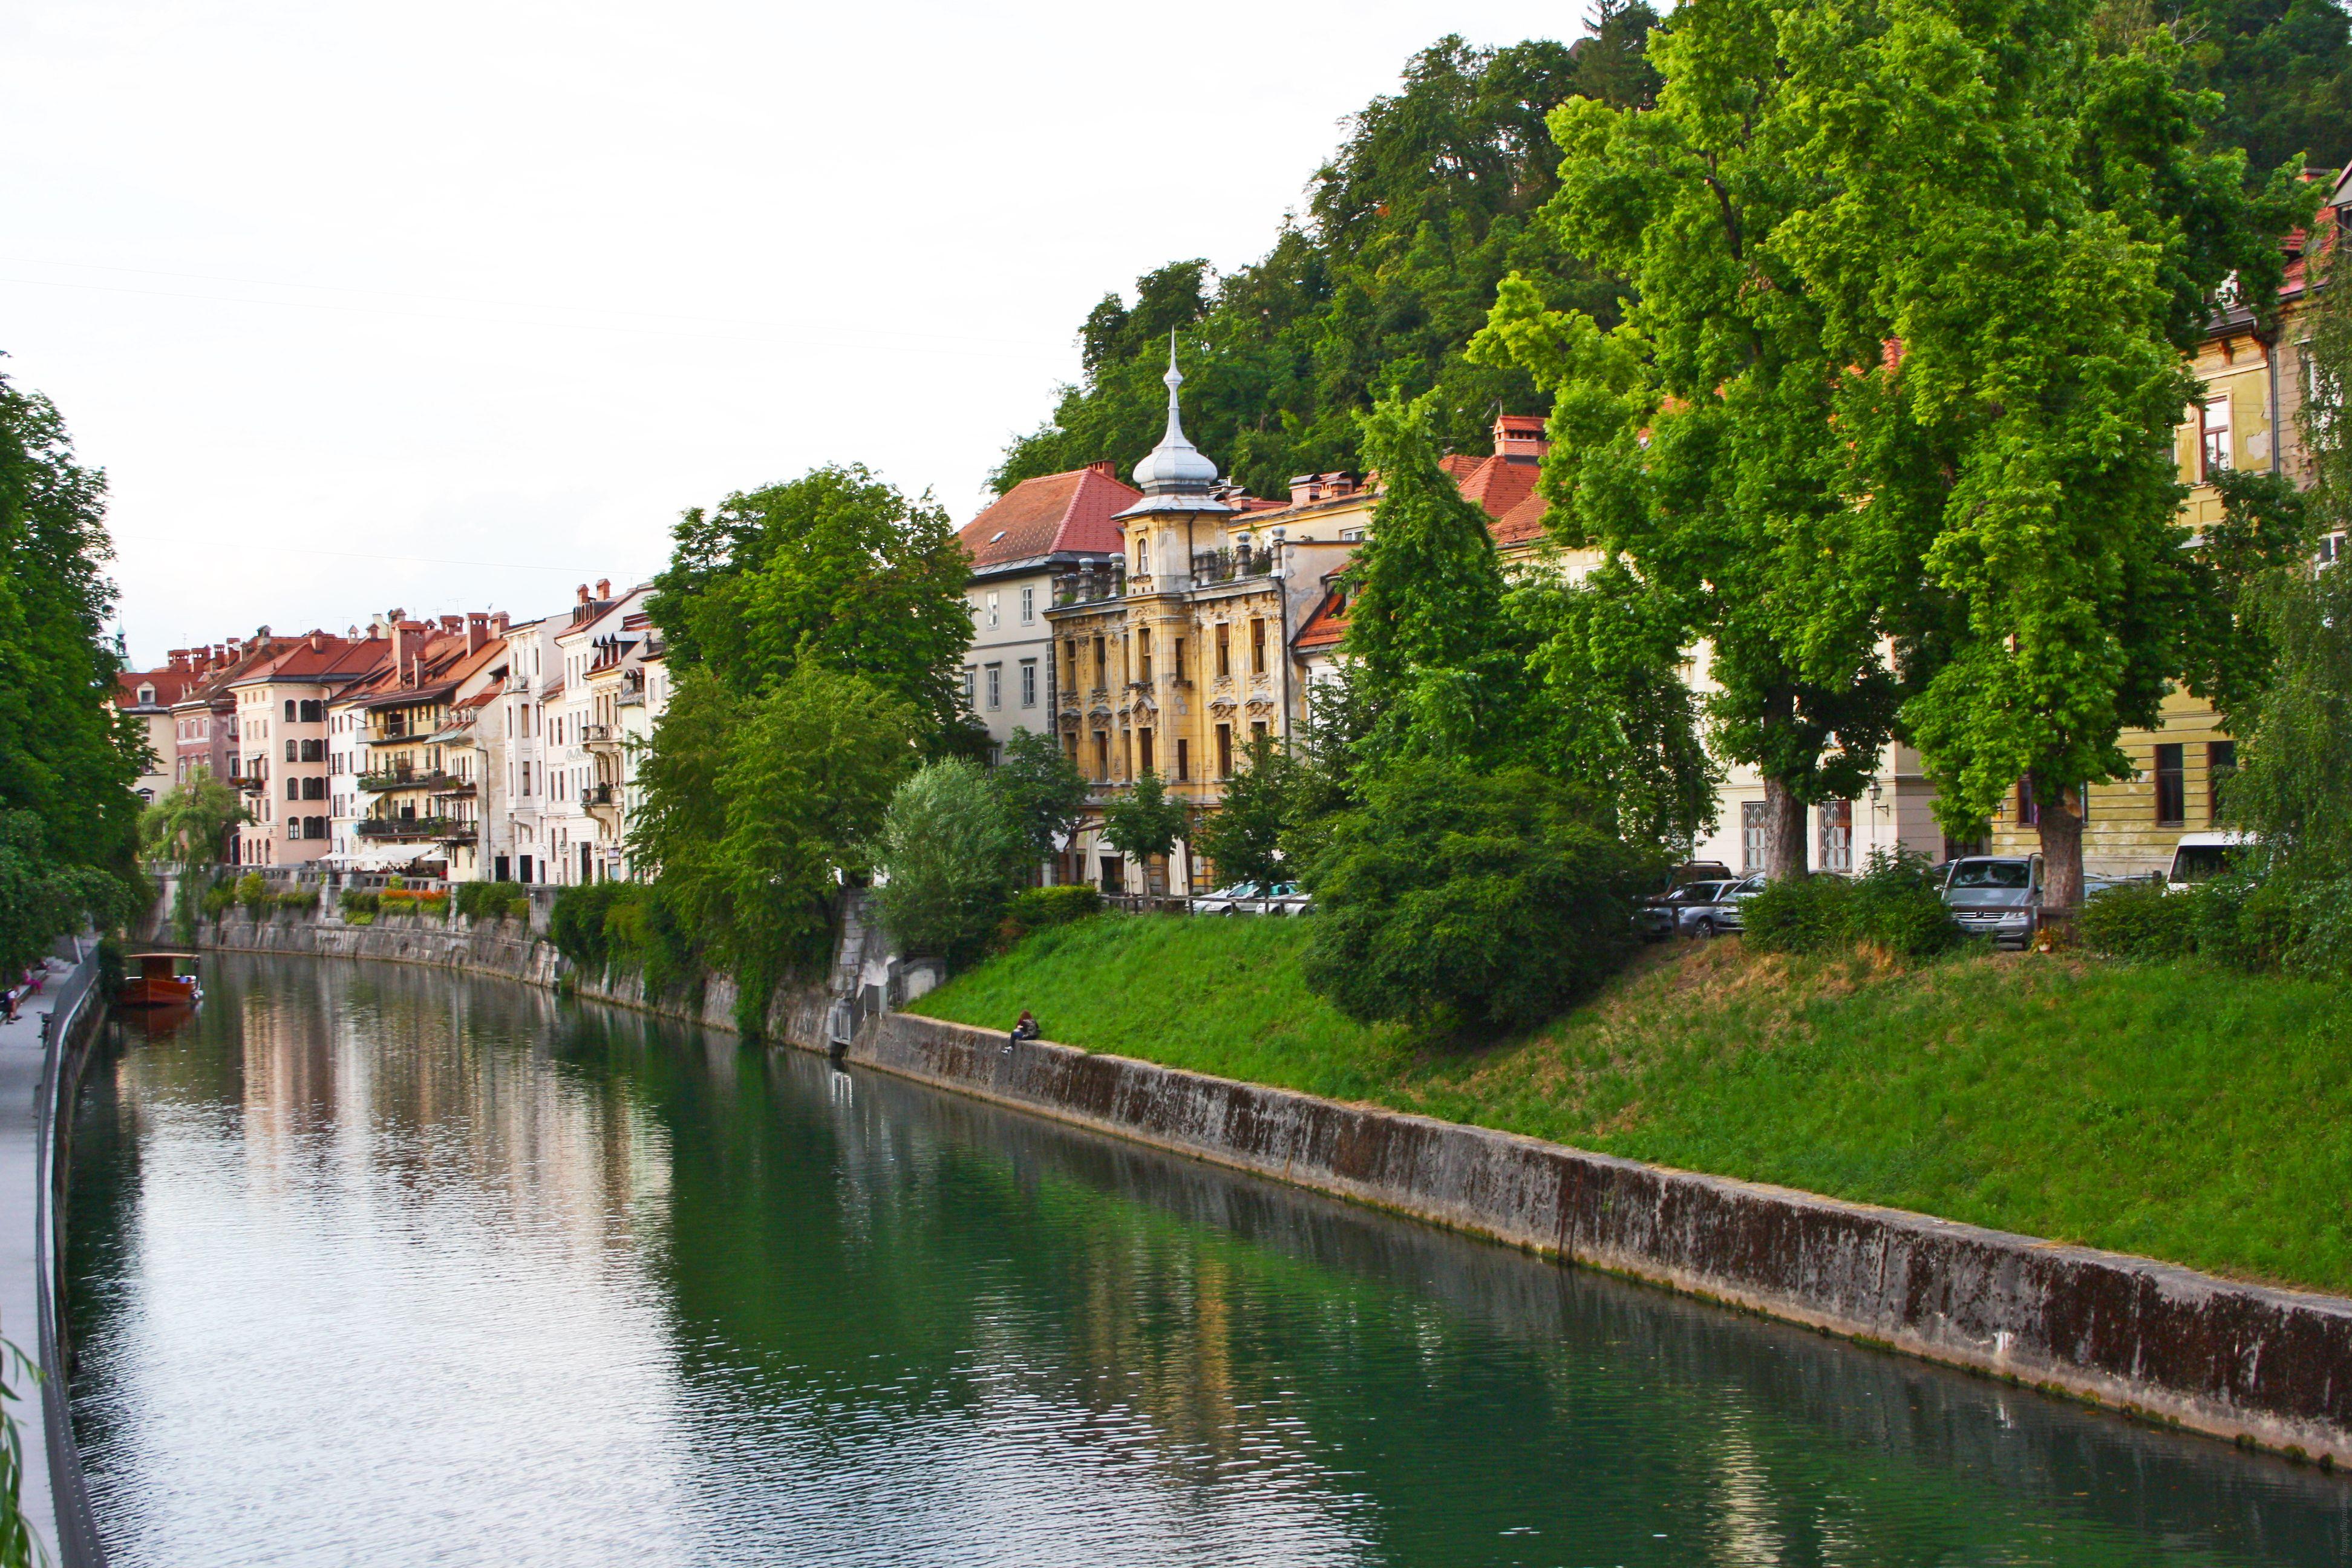 Река Любляница, Любляна, Словения